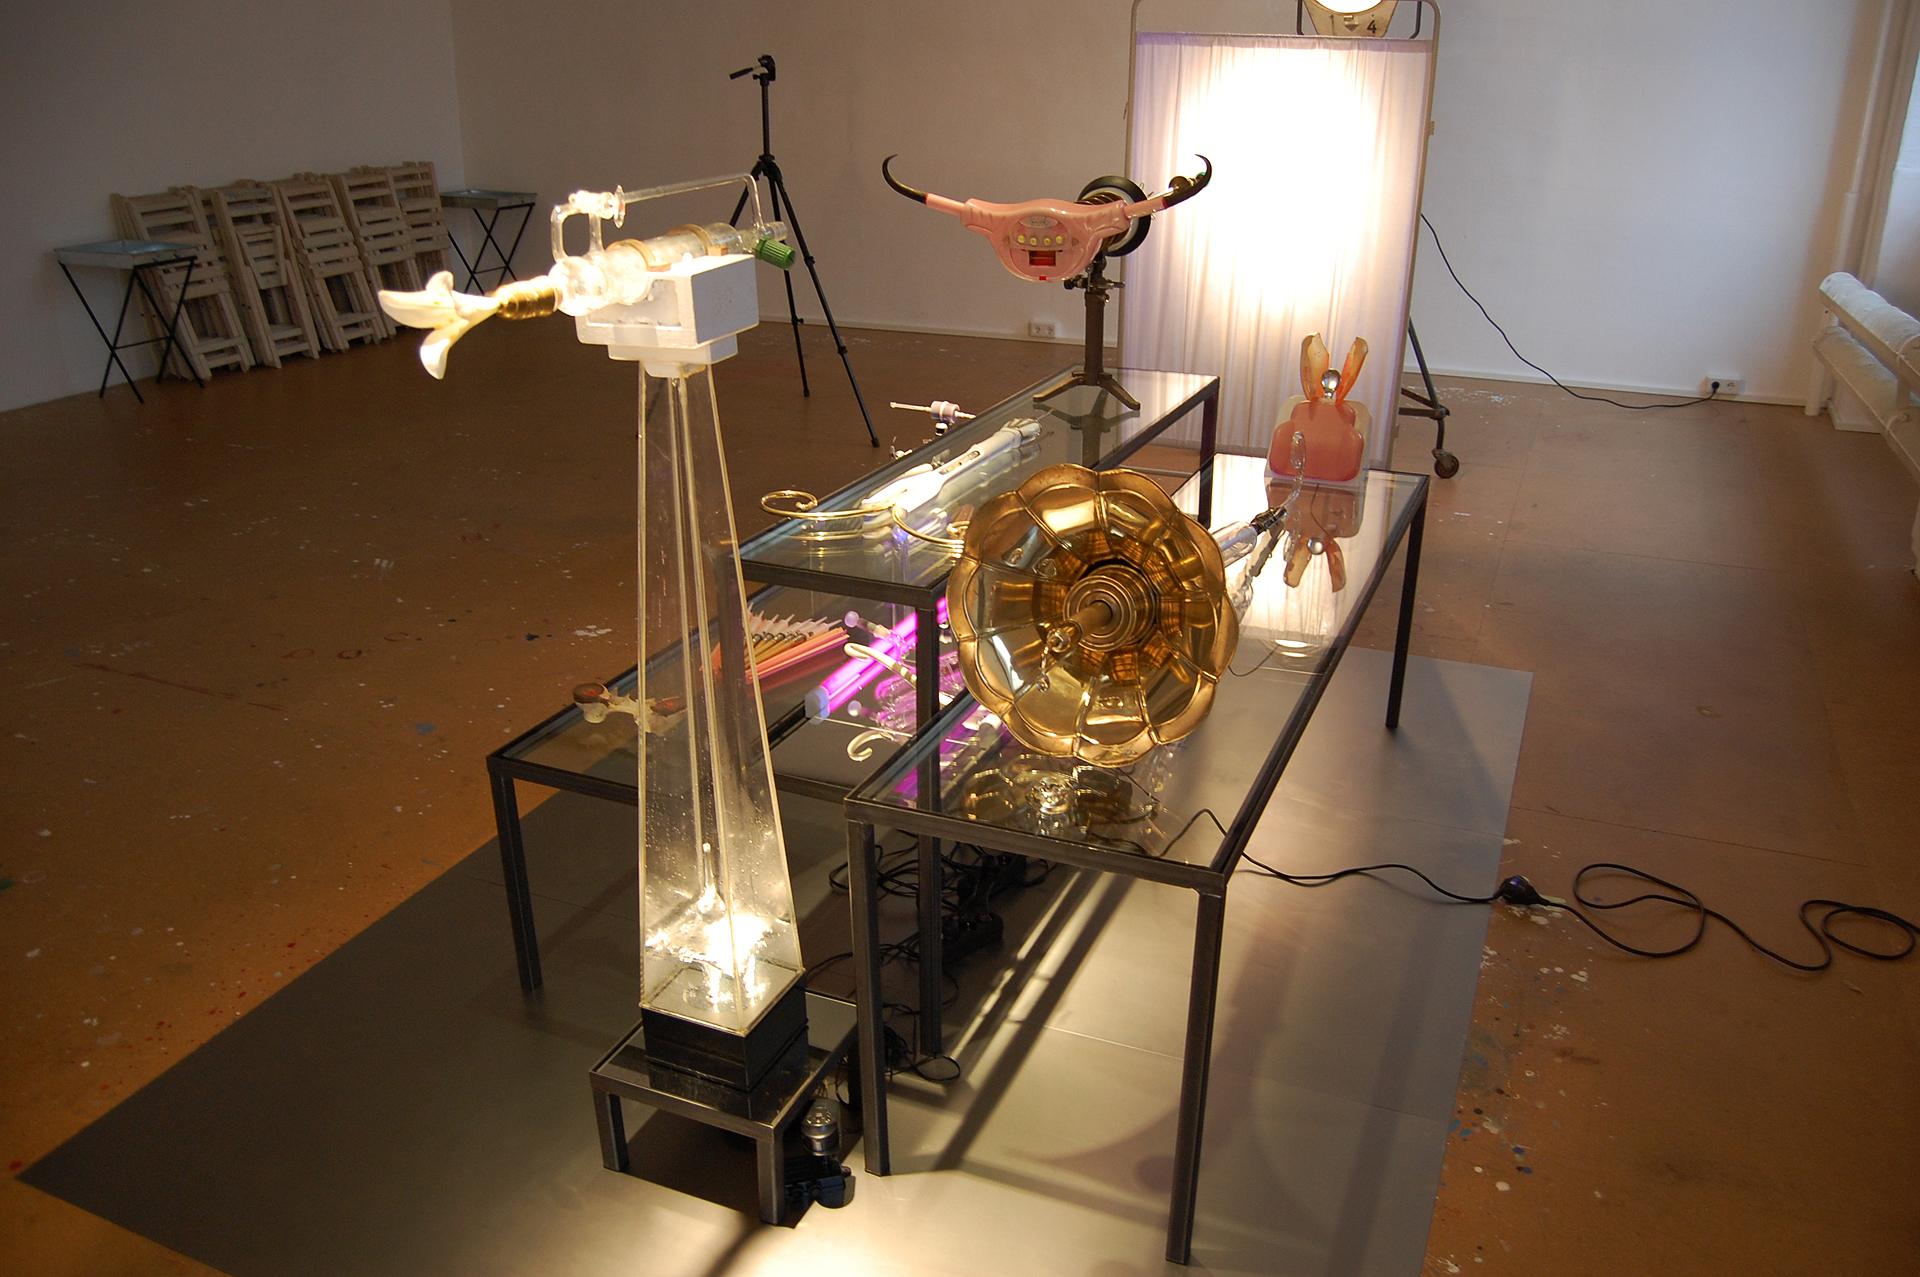 Ausstellungsansicht Anagramm@1 von Stefan Zoellner, Sammlung Siepermann, Gabentische